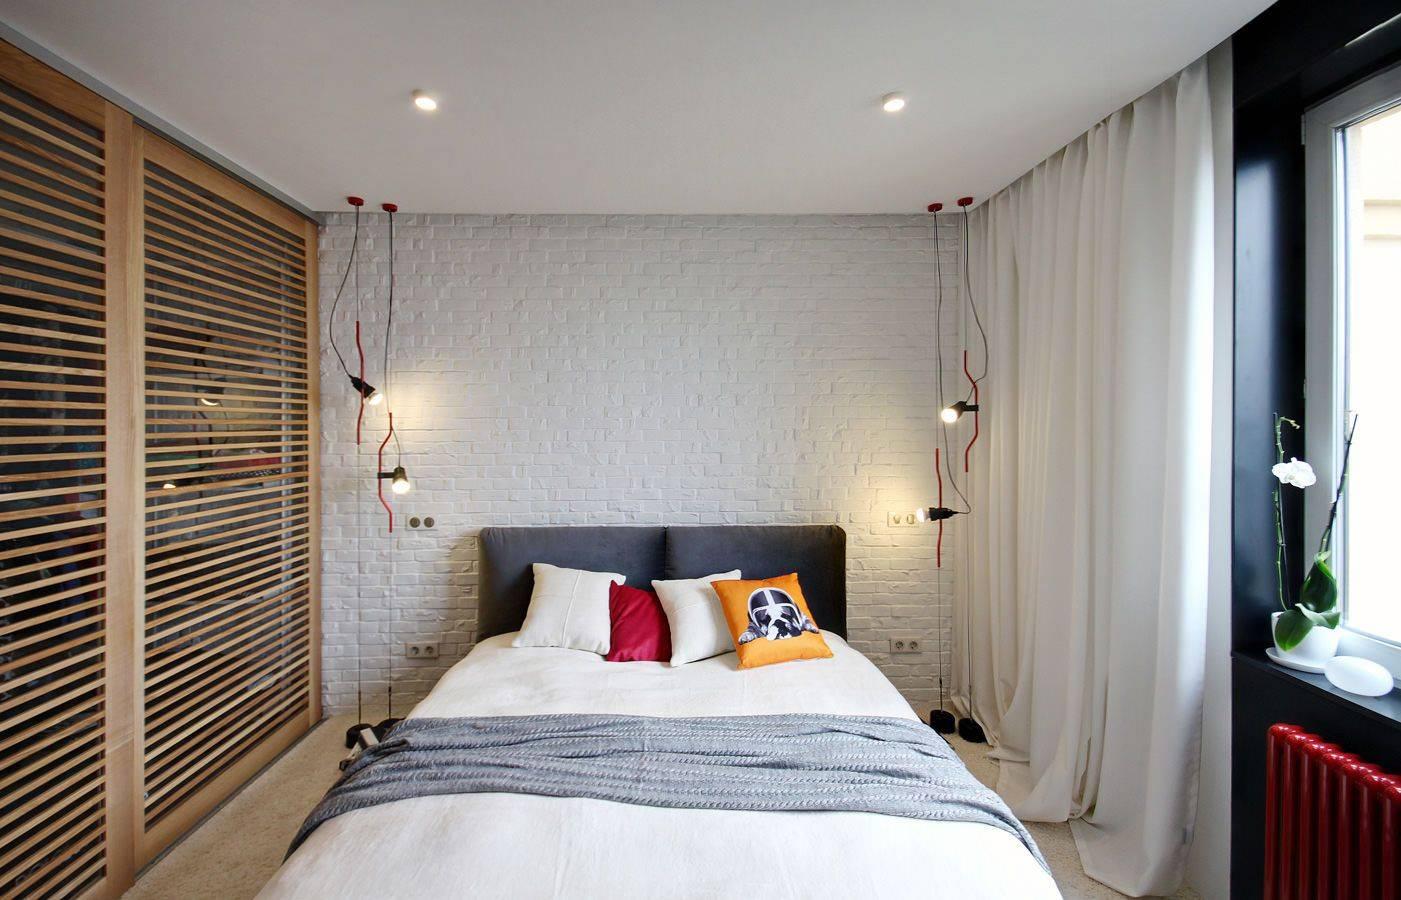 Натяжные потолки  для спальни (70 фото): дизайн двухуровневых матовых потолков с рисунком, глянцевые потолки с фотопечатью и другие виды